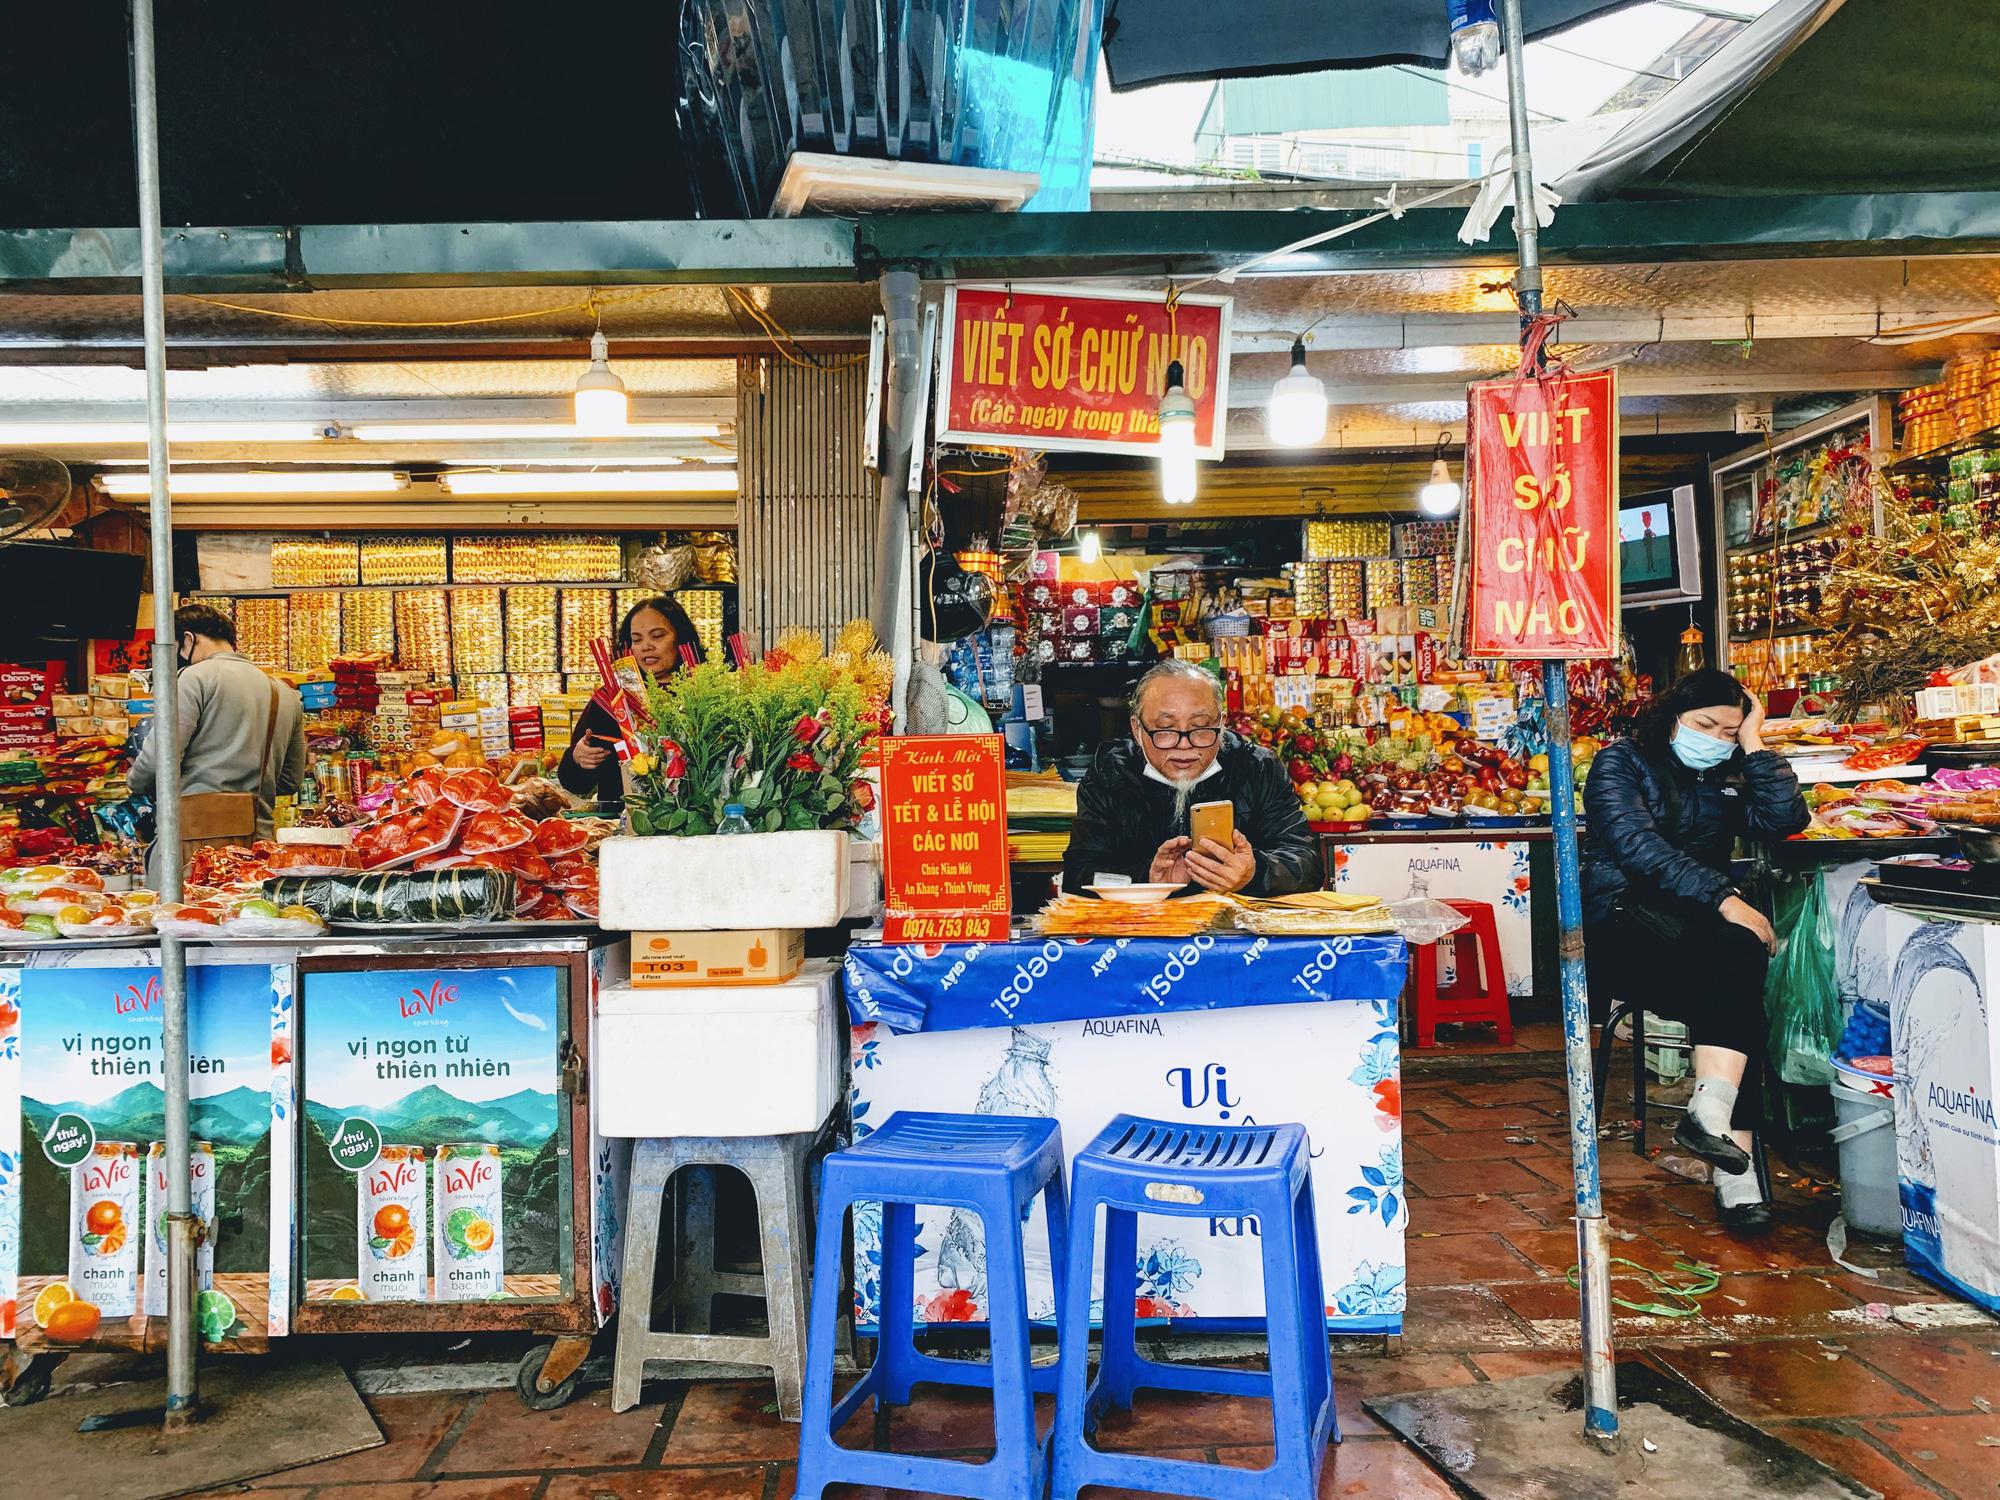 Rằm tháng Giêng, hàng quán ven đền chùa ế ẩm, người bán than trời: Chưa năm nào vắng như năm nay - Ảnh 10.